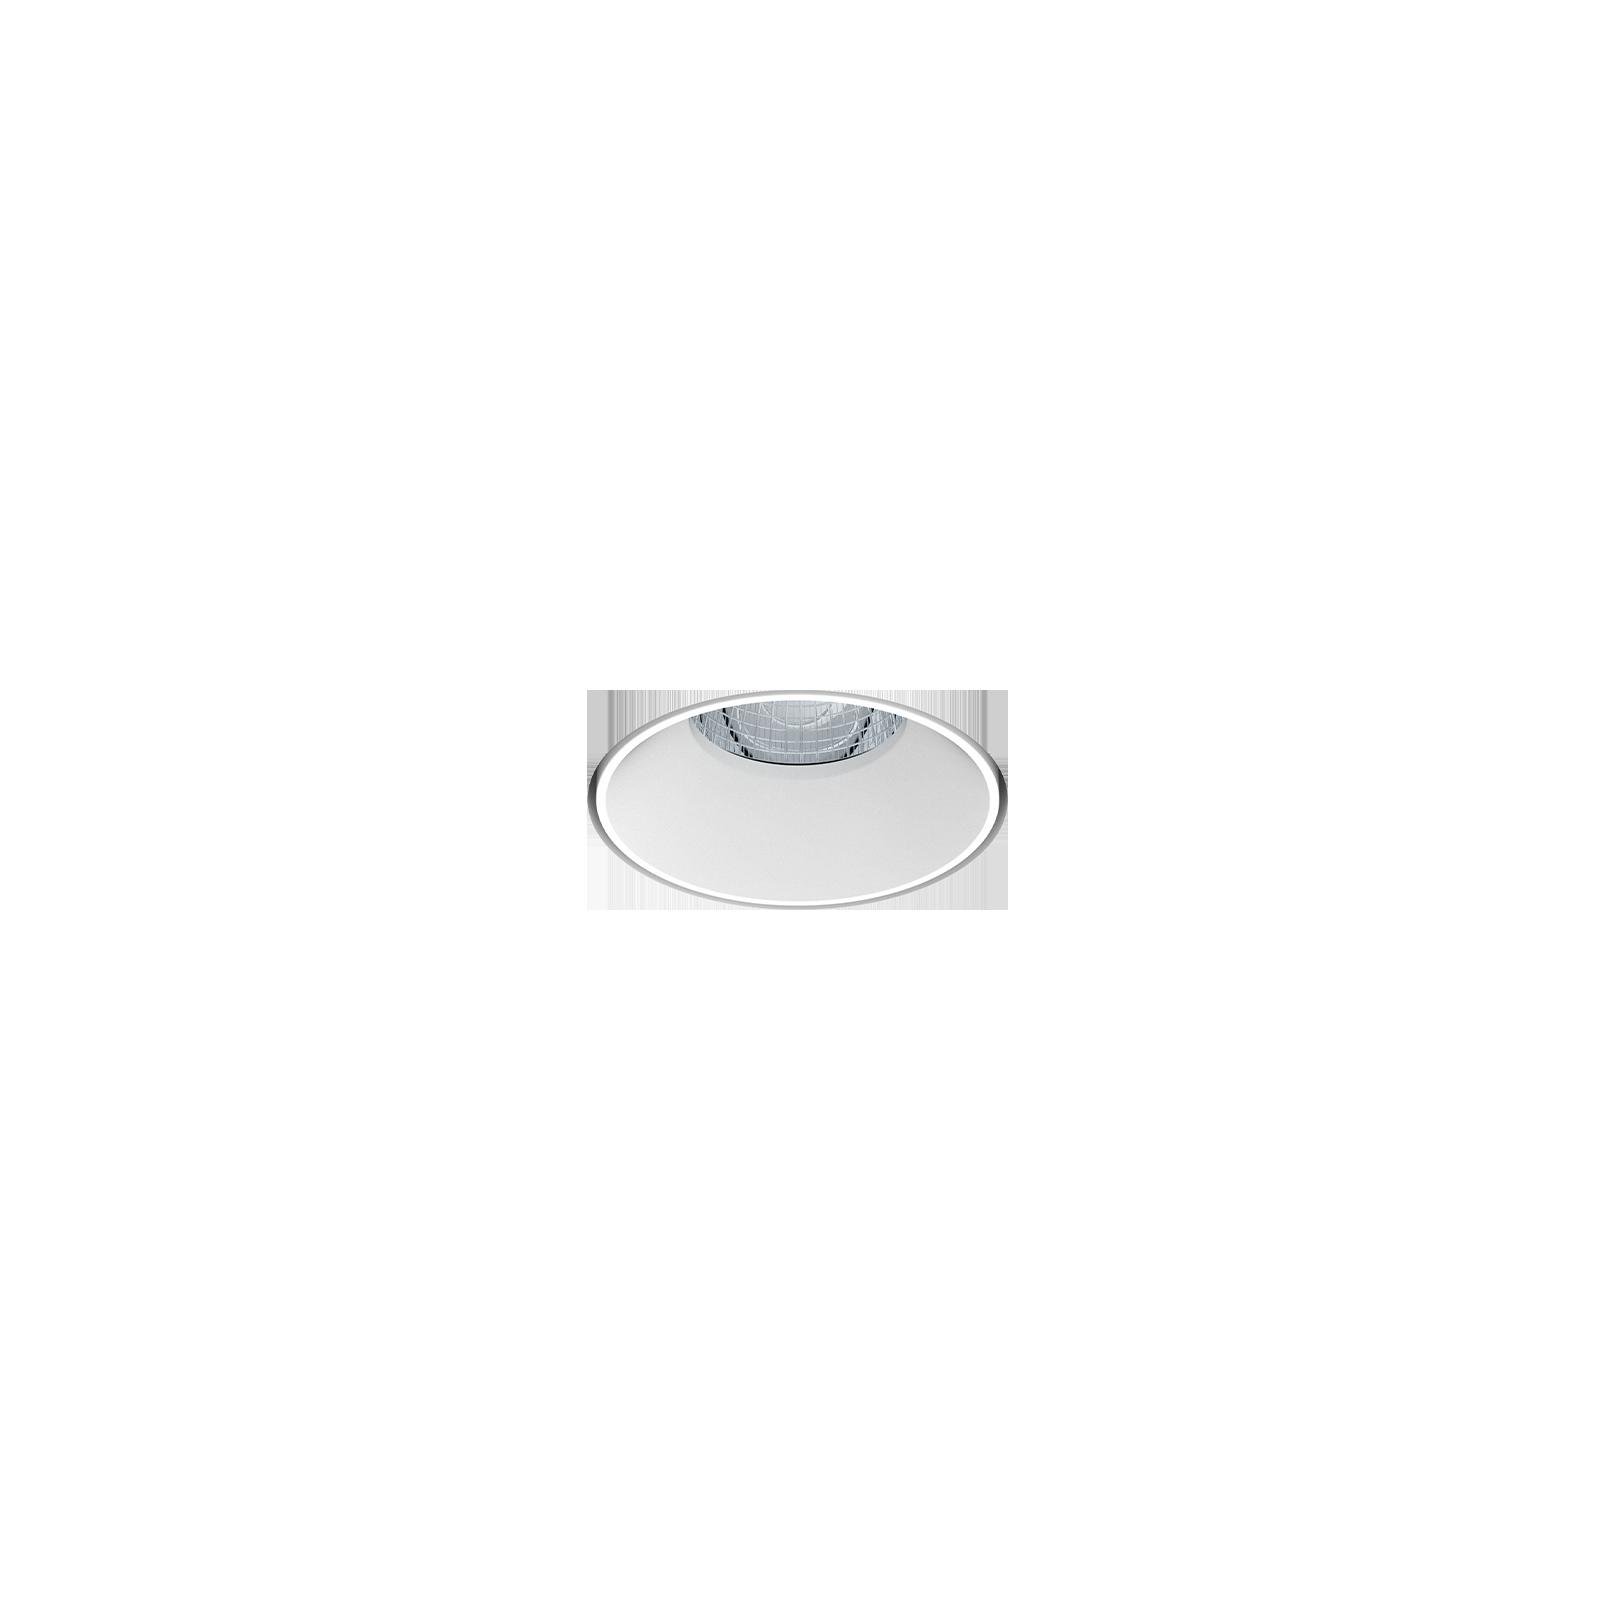 Mono 060 Trimless Type 1